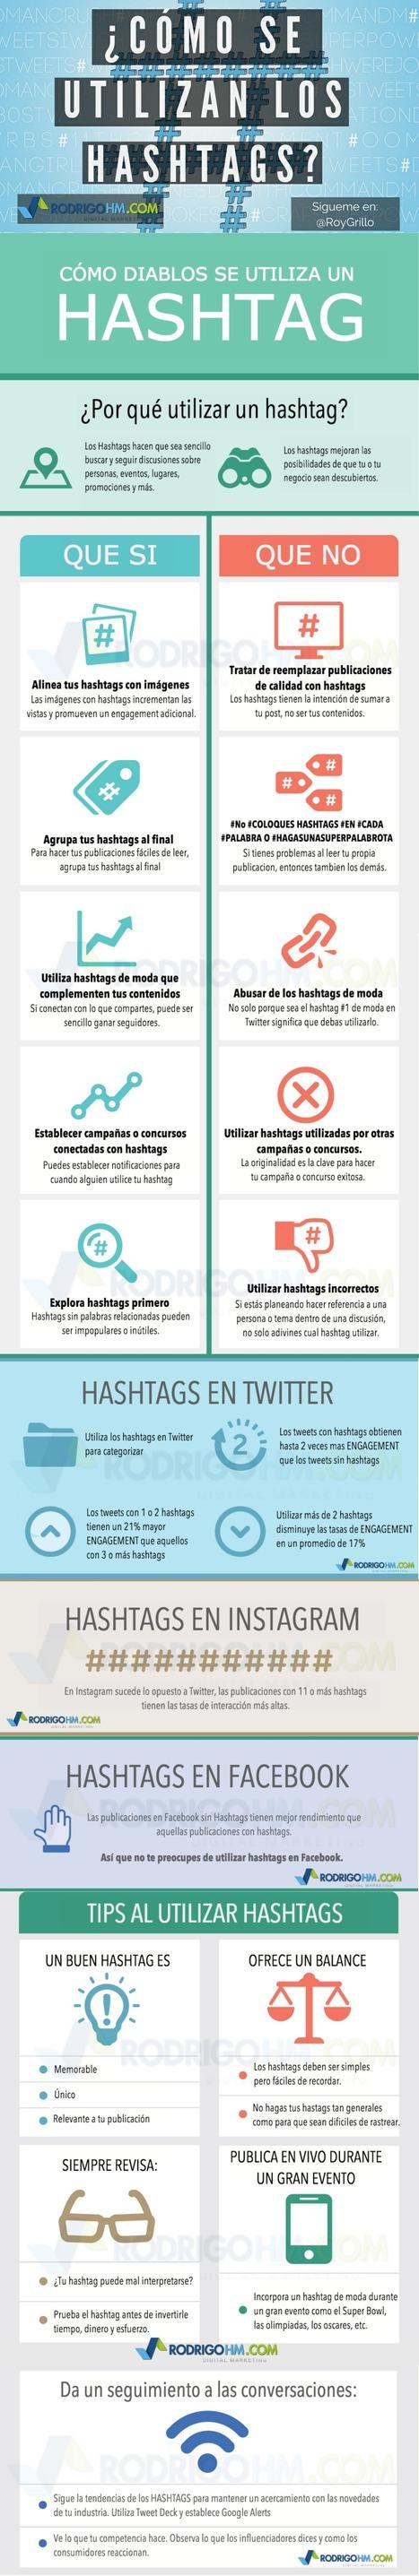 Redes Sociales: cómo usar los hashtags #infografia #infographic #socialmedia   Redes sociales y Social Media   Scoop.it